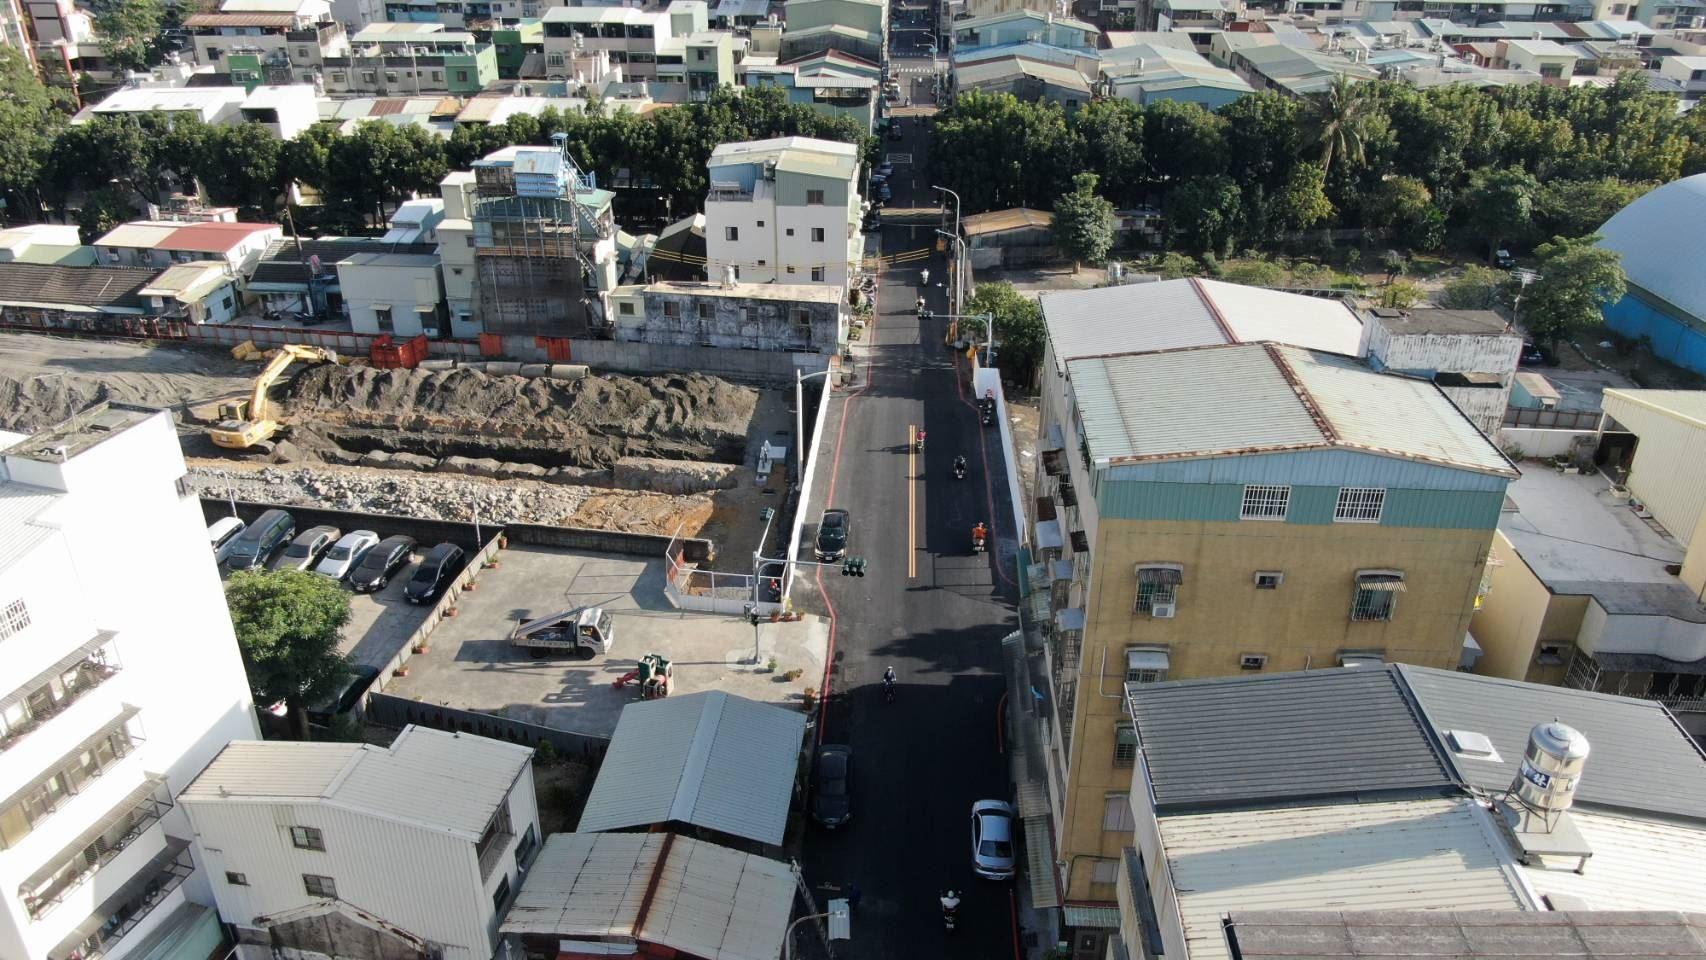 市府打通中庸街讓市民提前體驗道路縫合後帶來的交通便利性.jpg